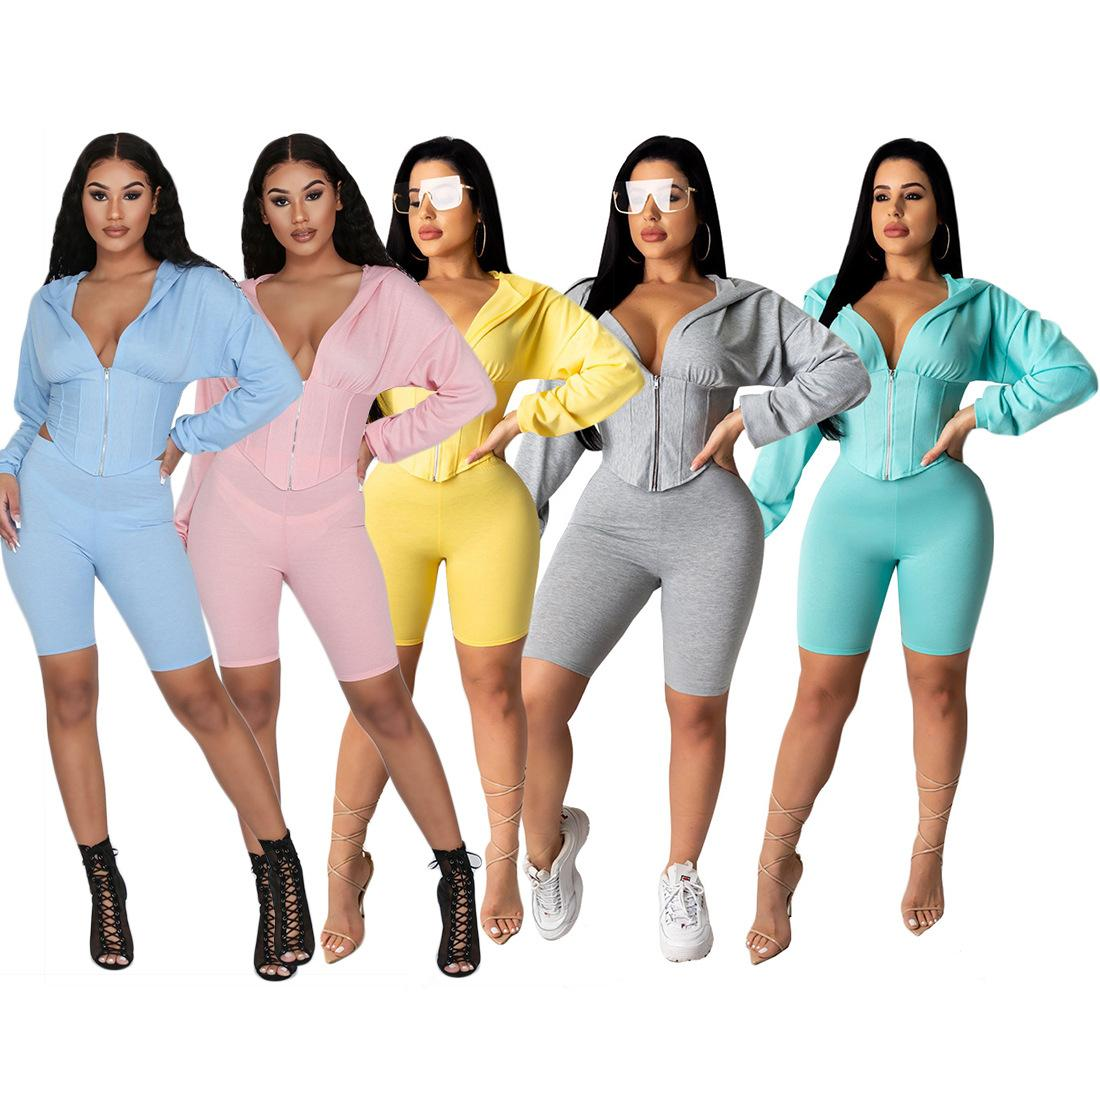 Livraison gratuite 2020 marque ni nouvelles dames costume de sport ke mode européenne et américaine womenFC28